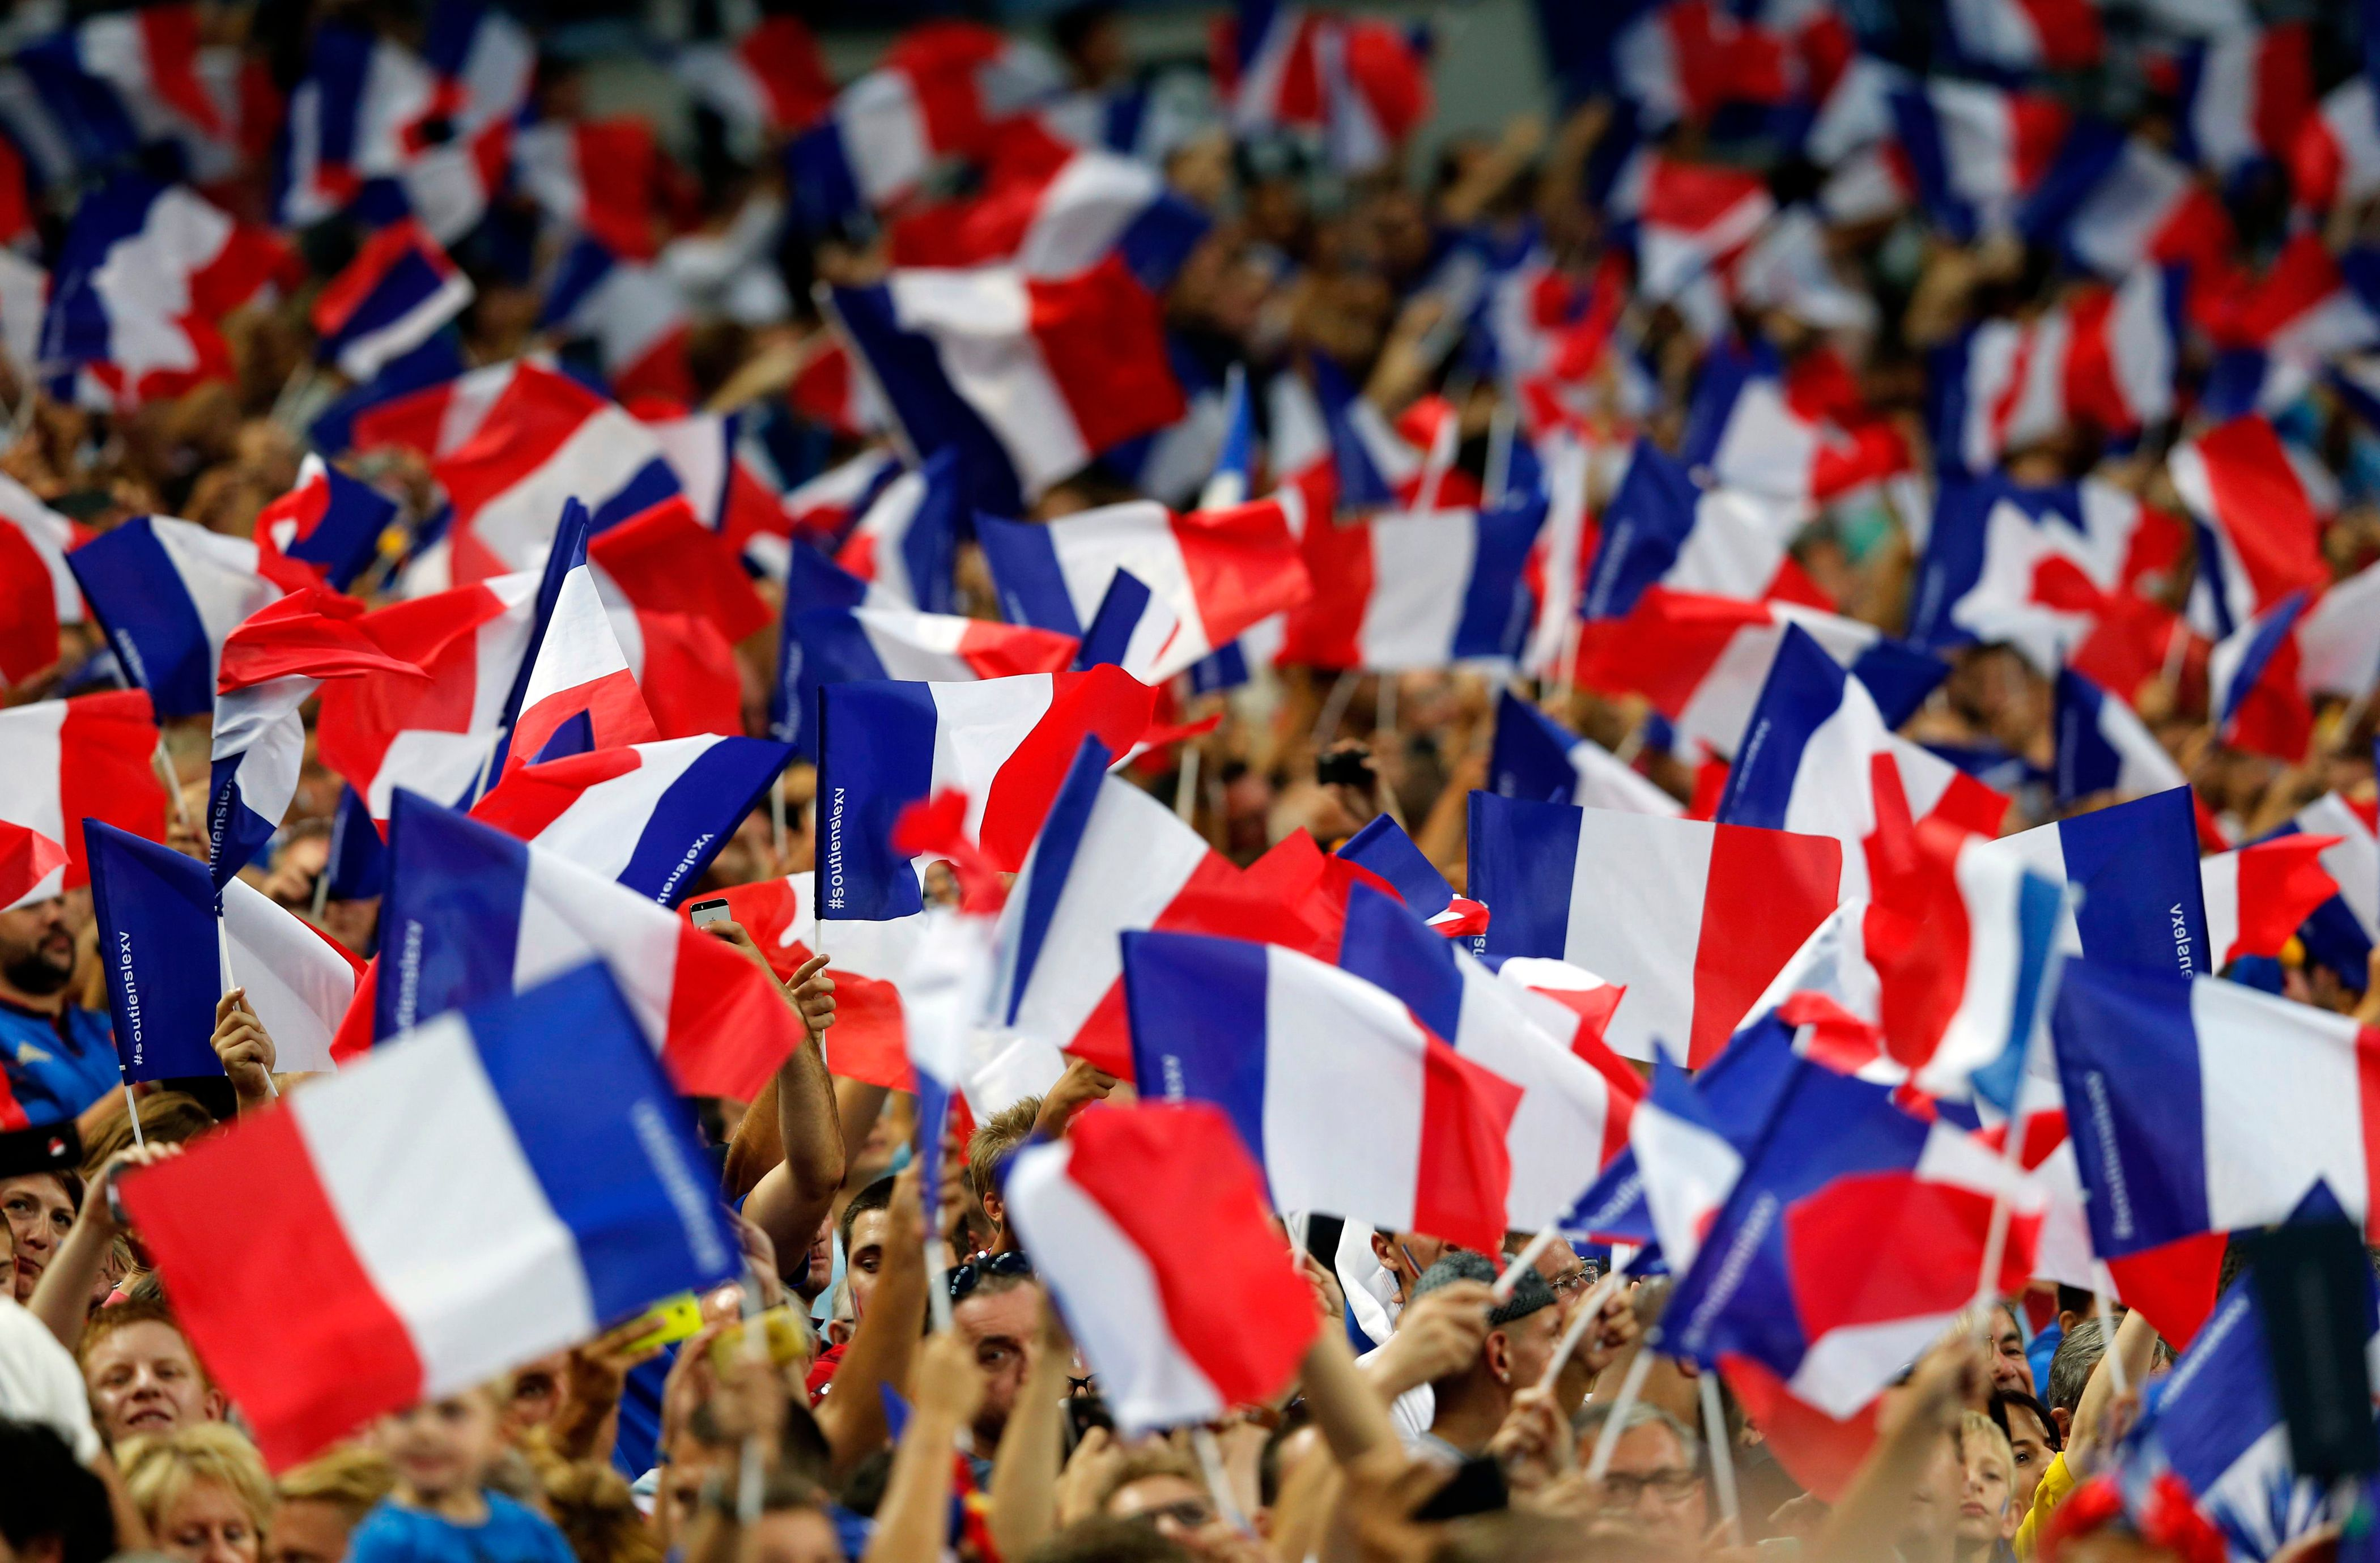 Deux entreprises, situées dans le Nord de la France, promettent une livraison en 24h.